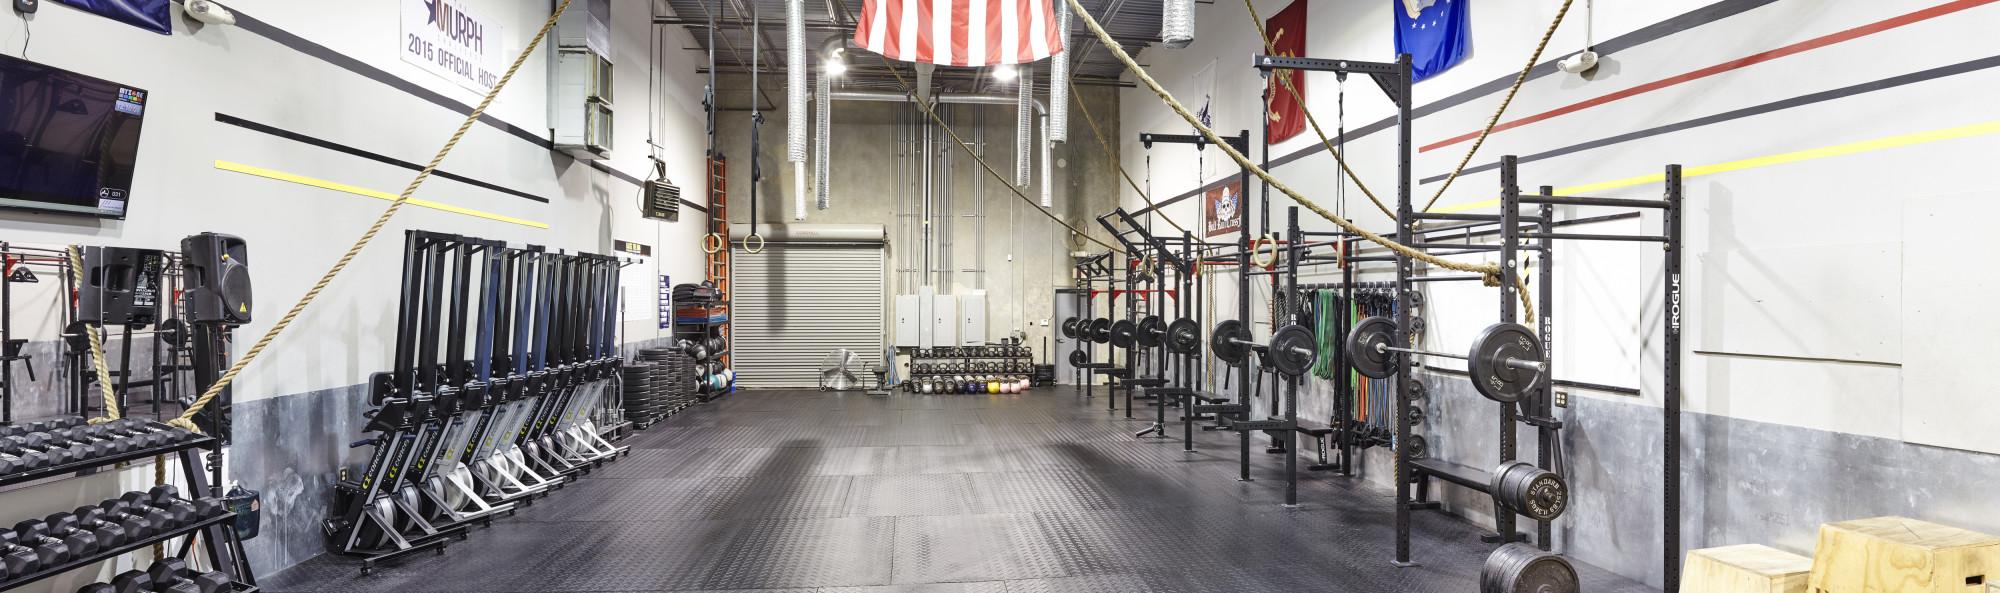 Raise the Bar Training Facility